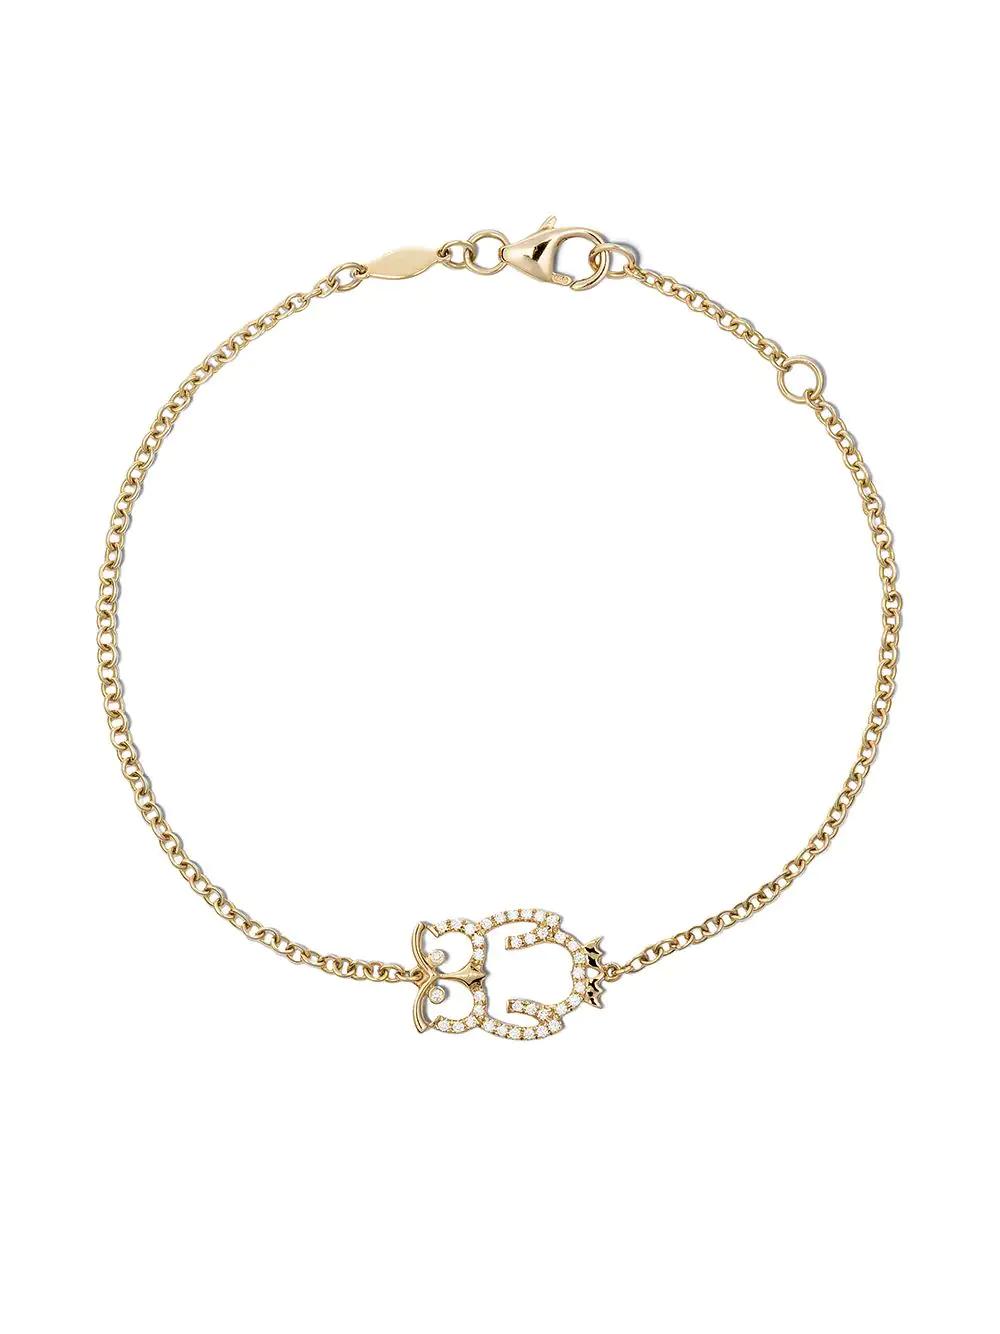 Kiki McDonough | Kiki McDonough браслет Memories из желтого золота с бриллиантами | Clouty